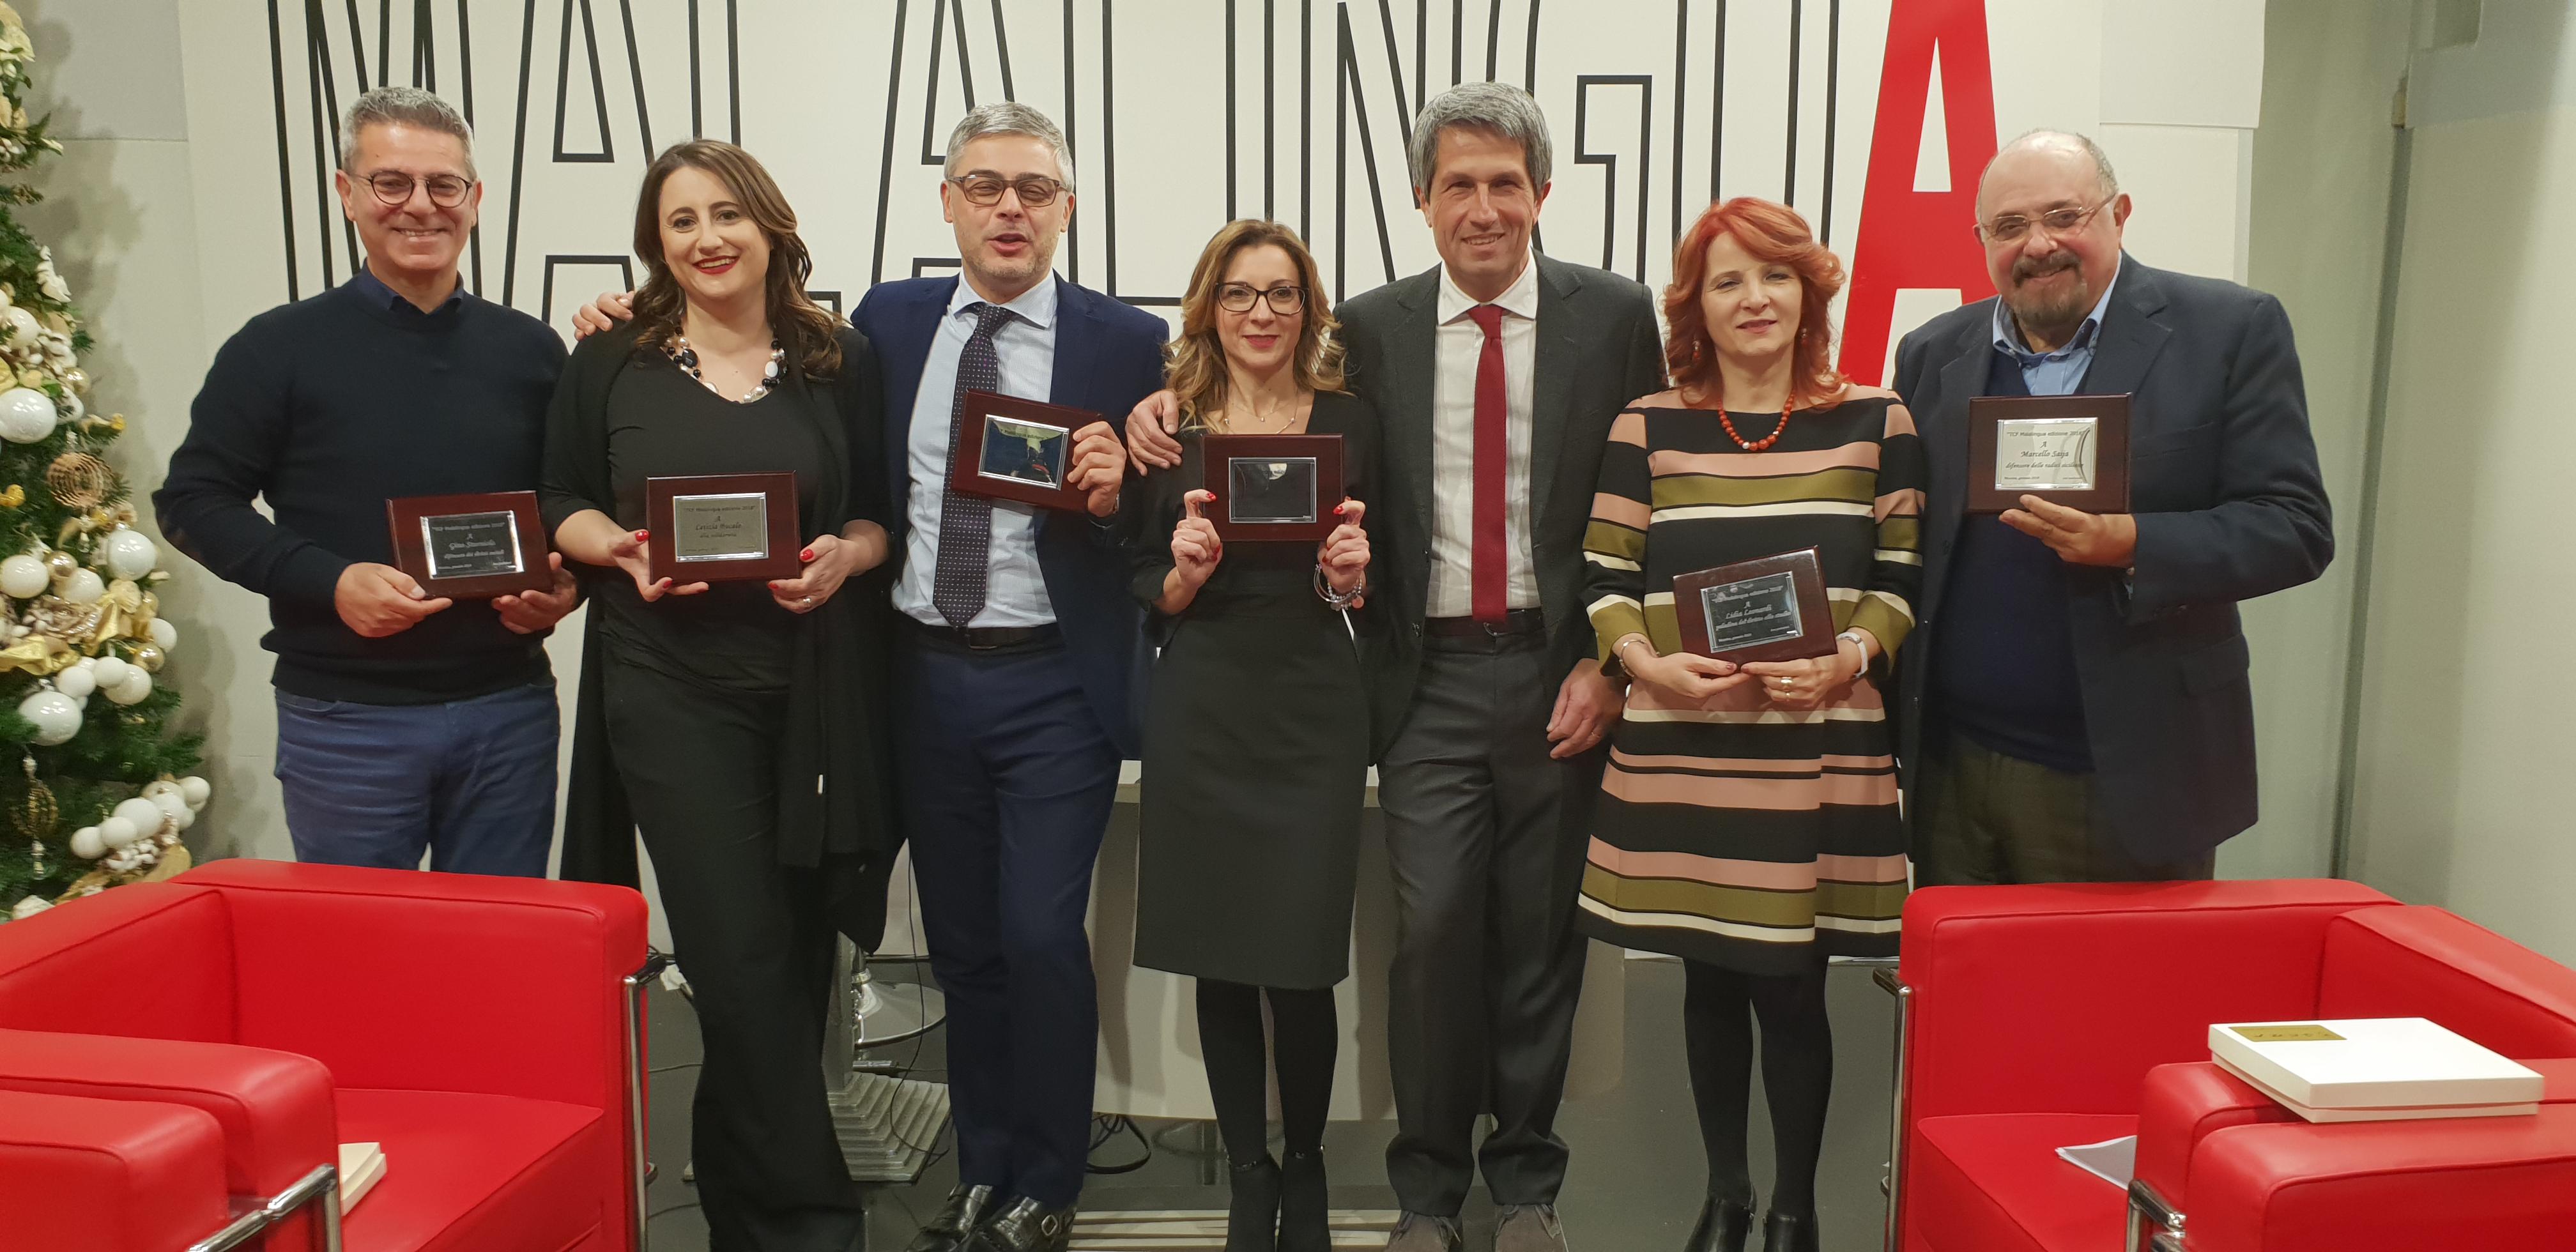 Premi Malalingua 2018, tra i vincitori il giovane migrante Idris